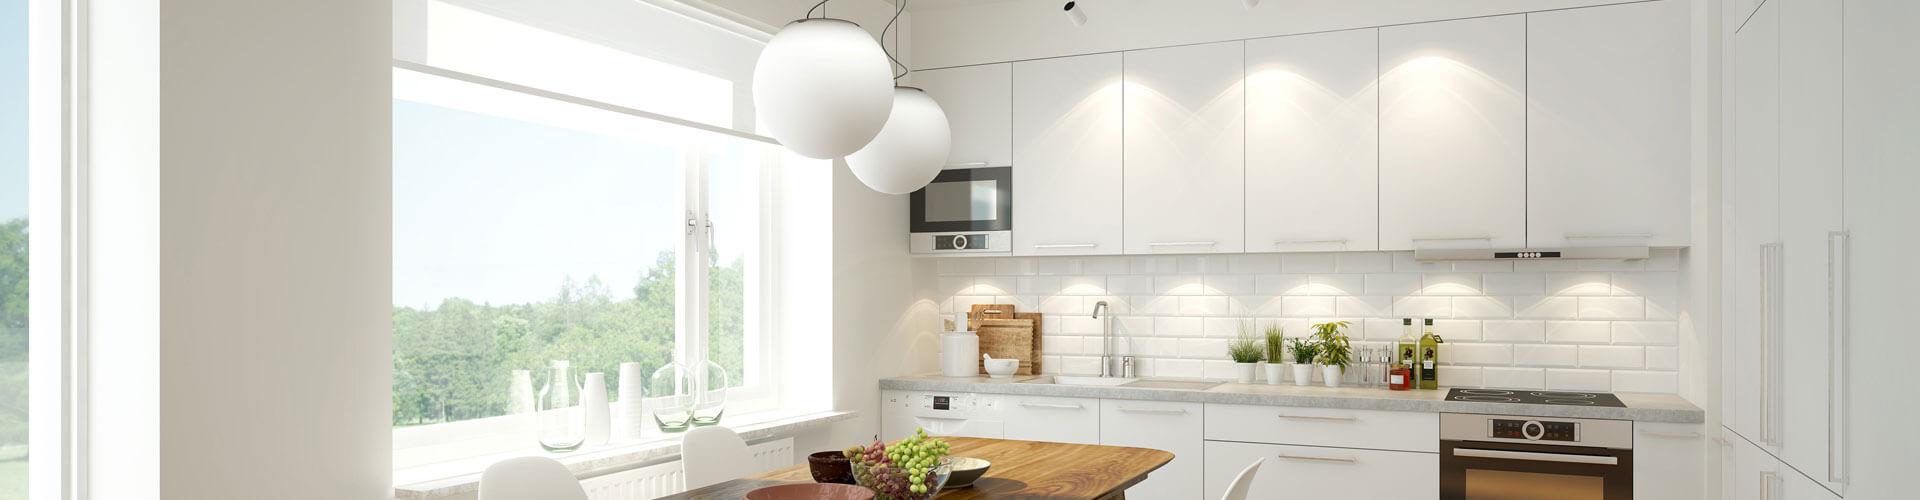 Full Size of Raffrollo Küchenfenster Xl Rollos Bergren Gnstig Kaufen Küche Wohnzimmer Raffrollo Küchenfenster